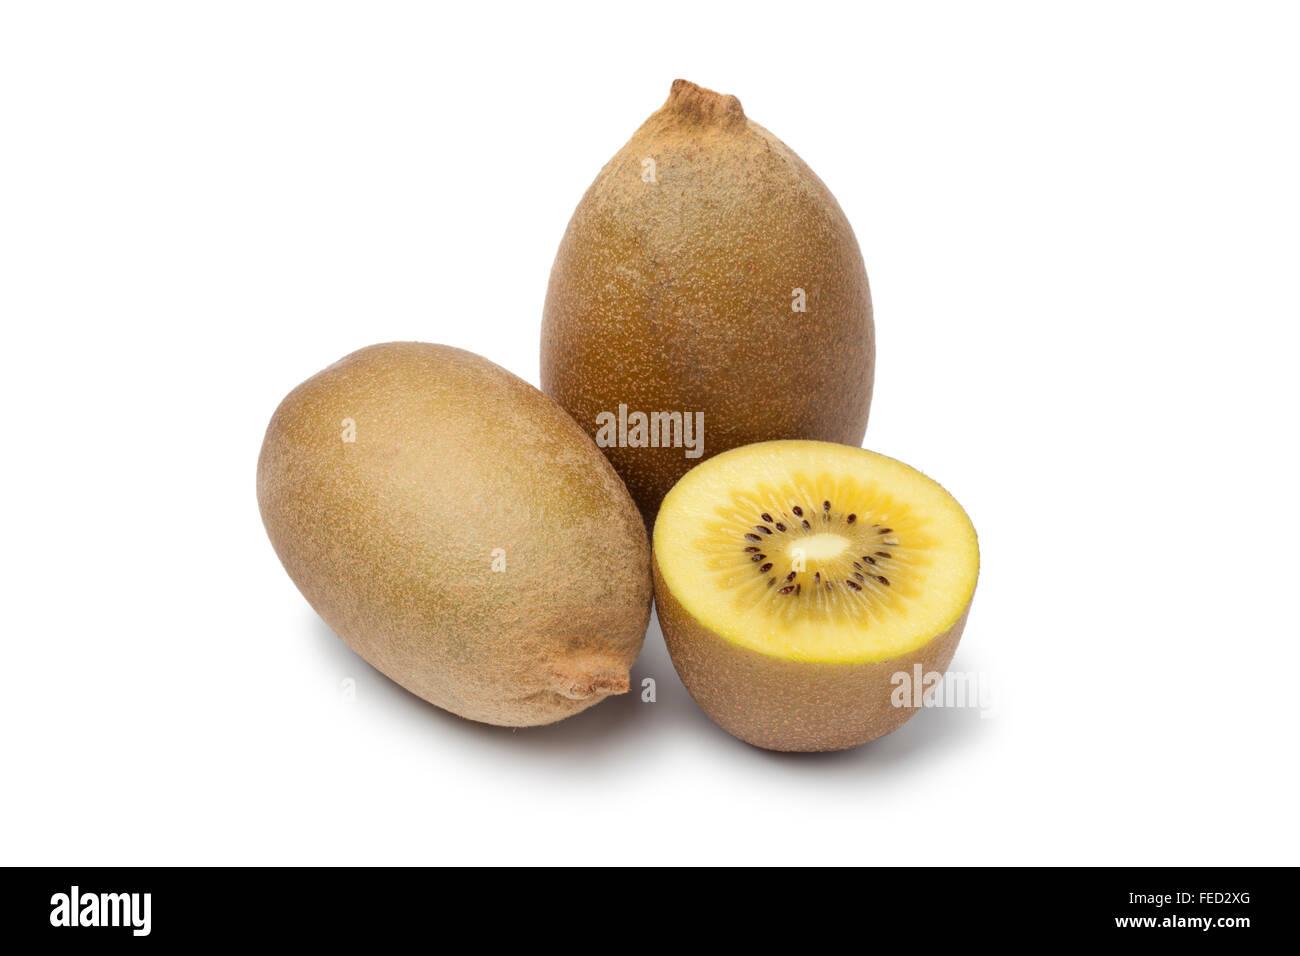 Fresh yellow kiwi fruit on white background - Stock Image